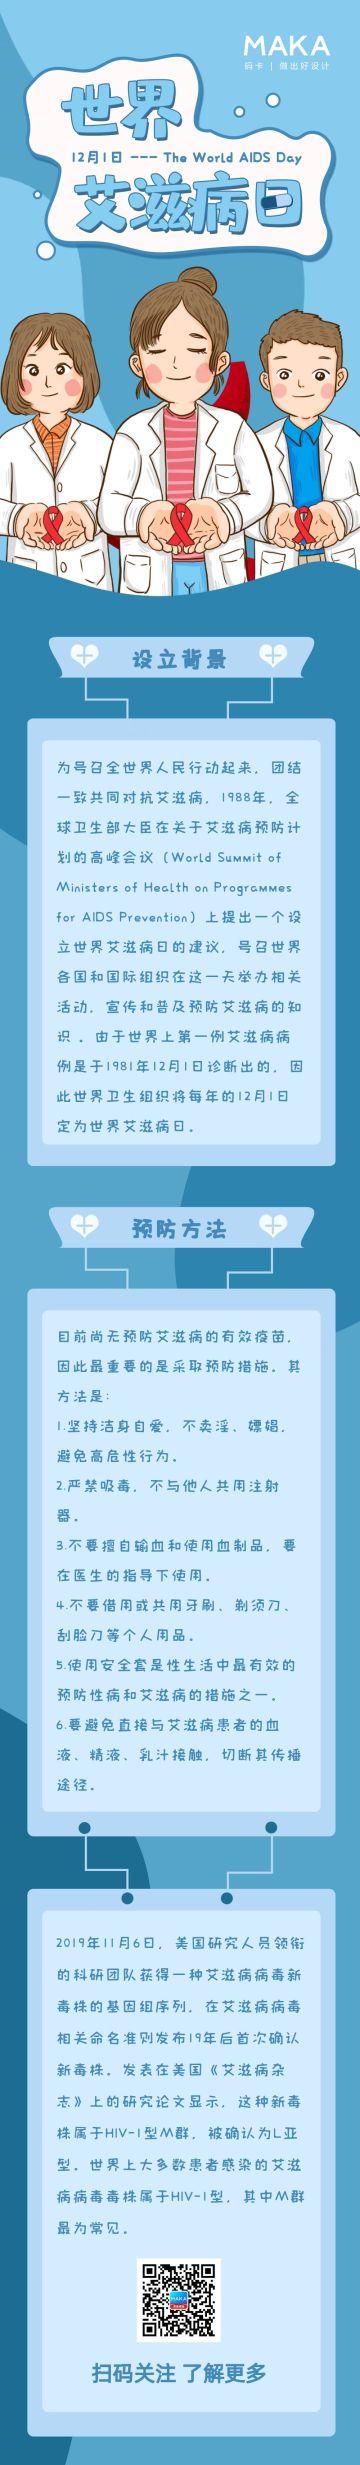 蓝色简约风格世界艾滋病日知识科普宣传长页